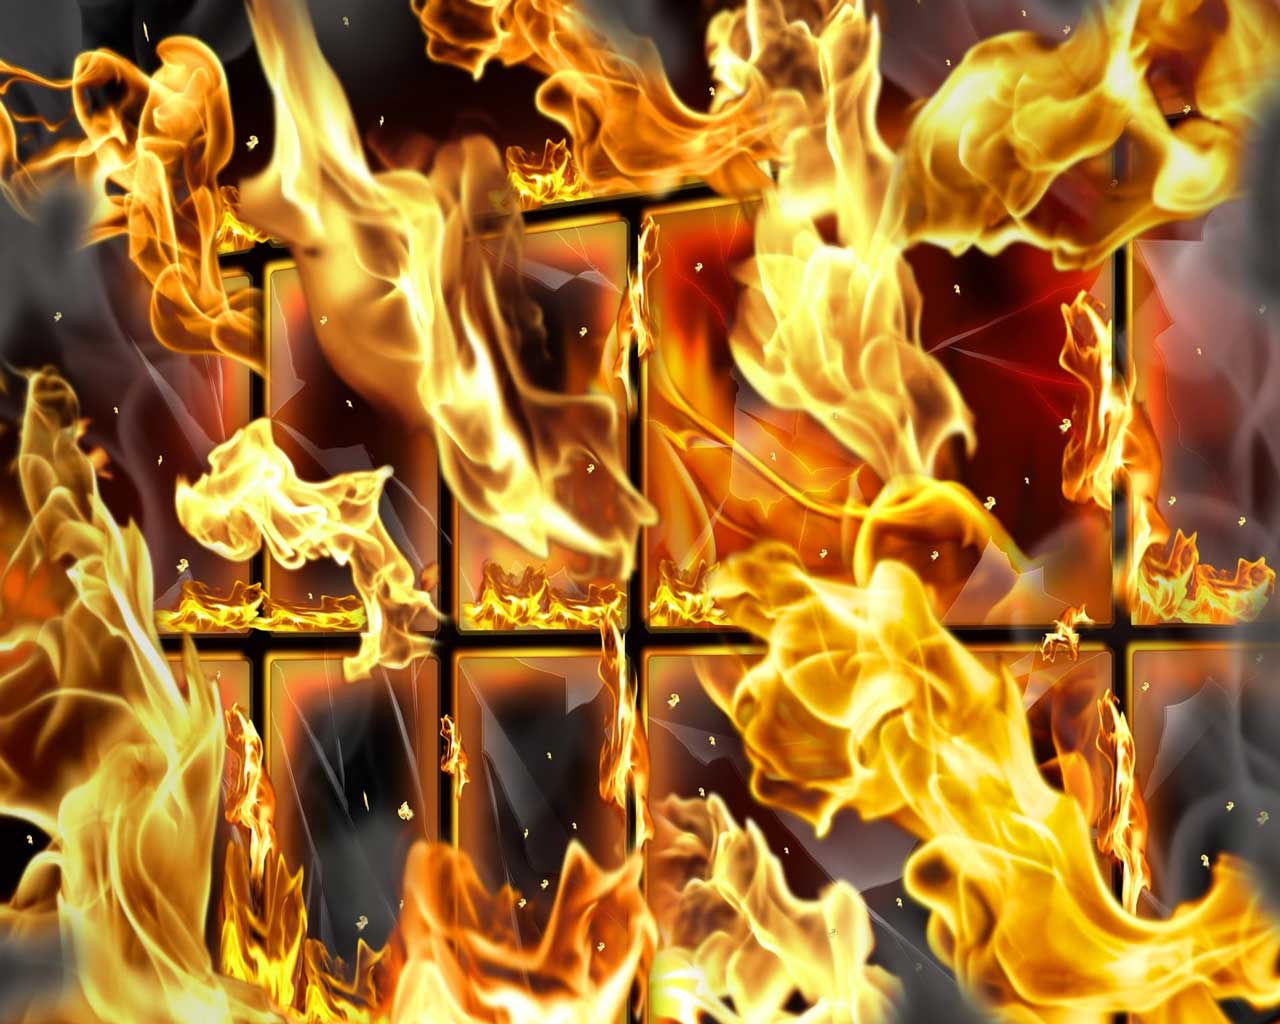 Картинка пламя огня на компьютер обои